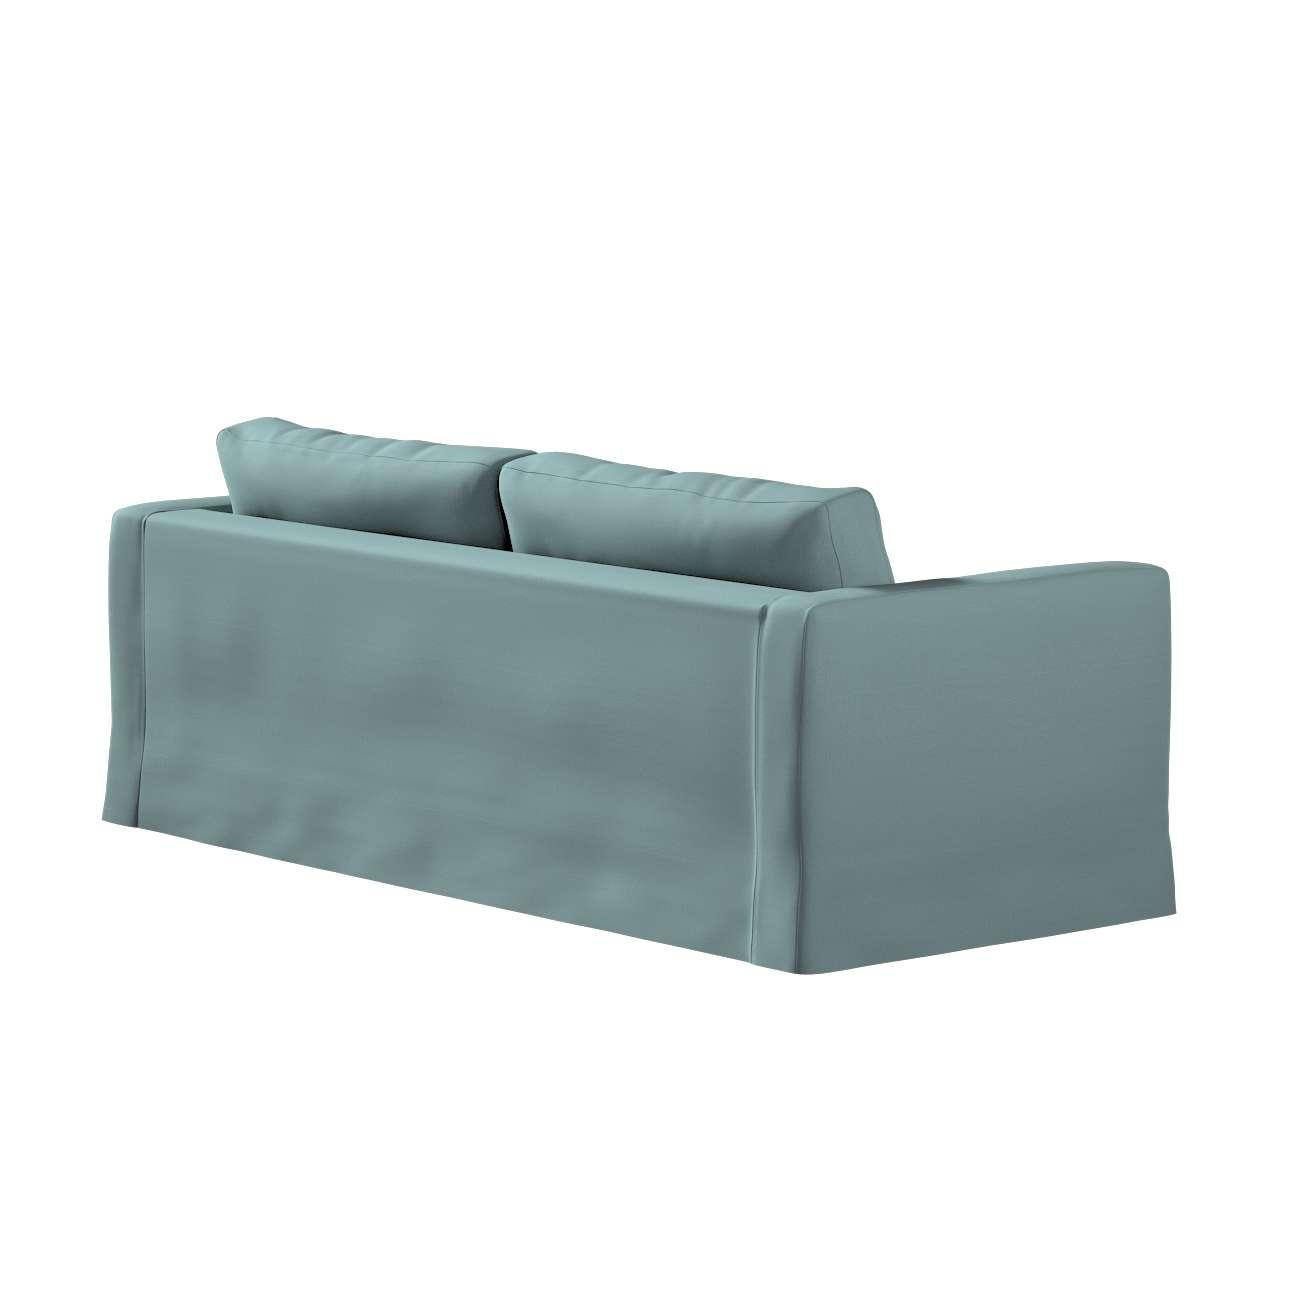 Pokrowiec na sofę Karlstad 3-osobową nierozkładaną, długi w kolekcji Cotton Panama, tkanina: 702-40